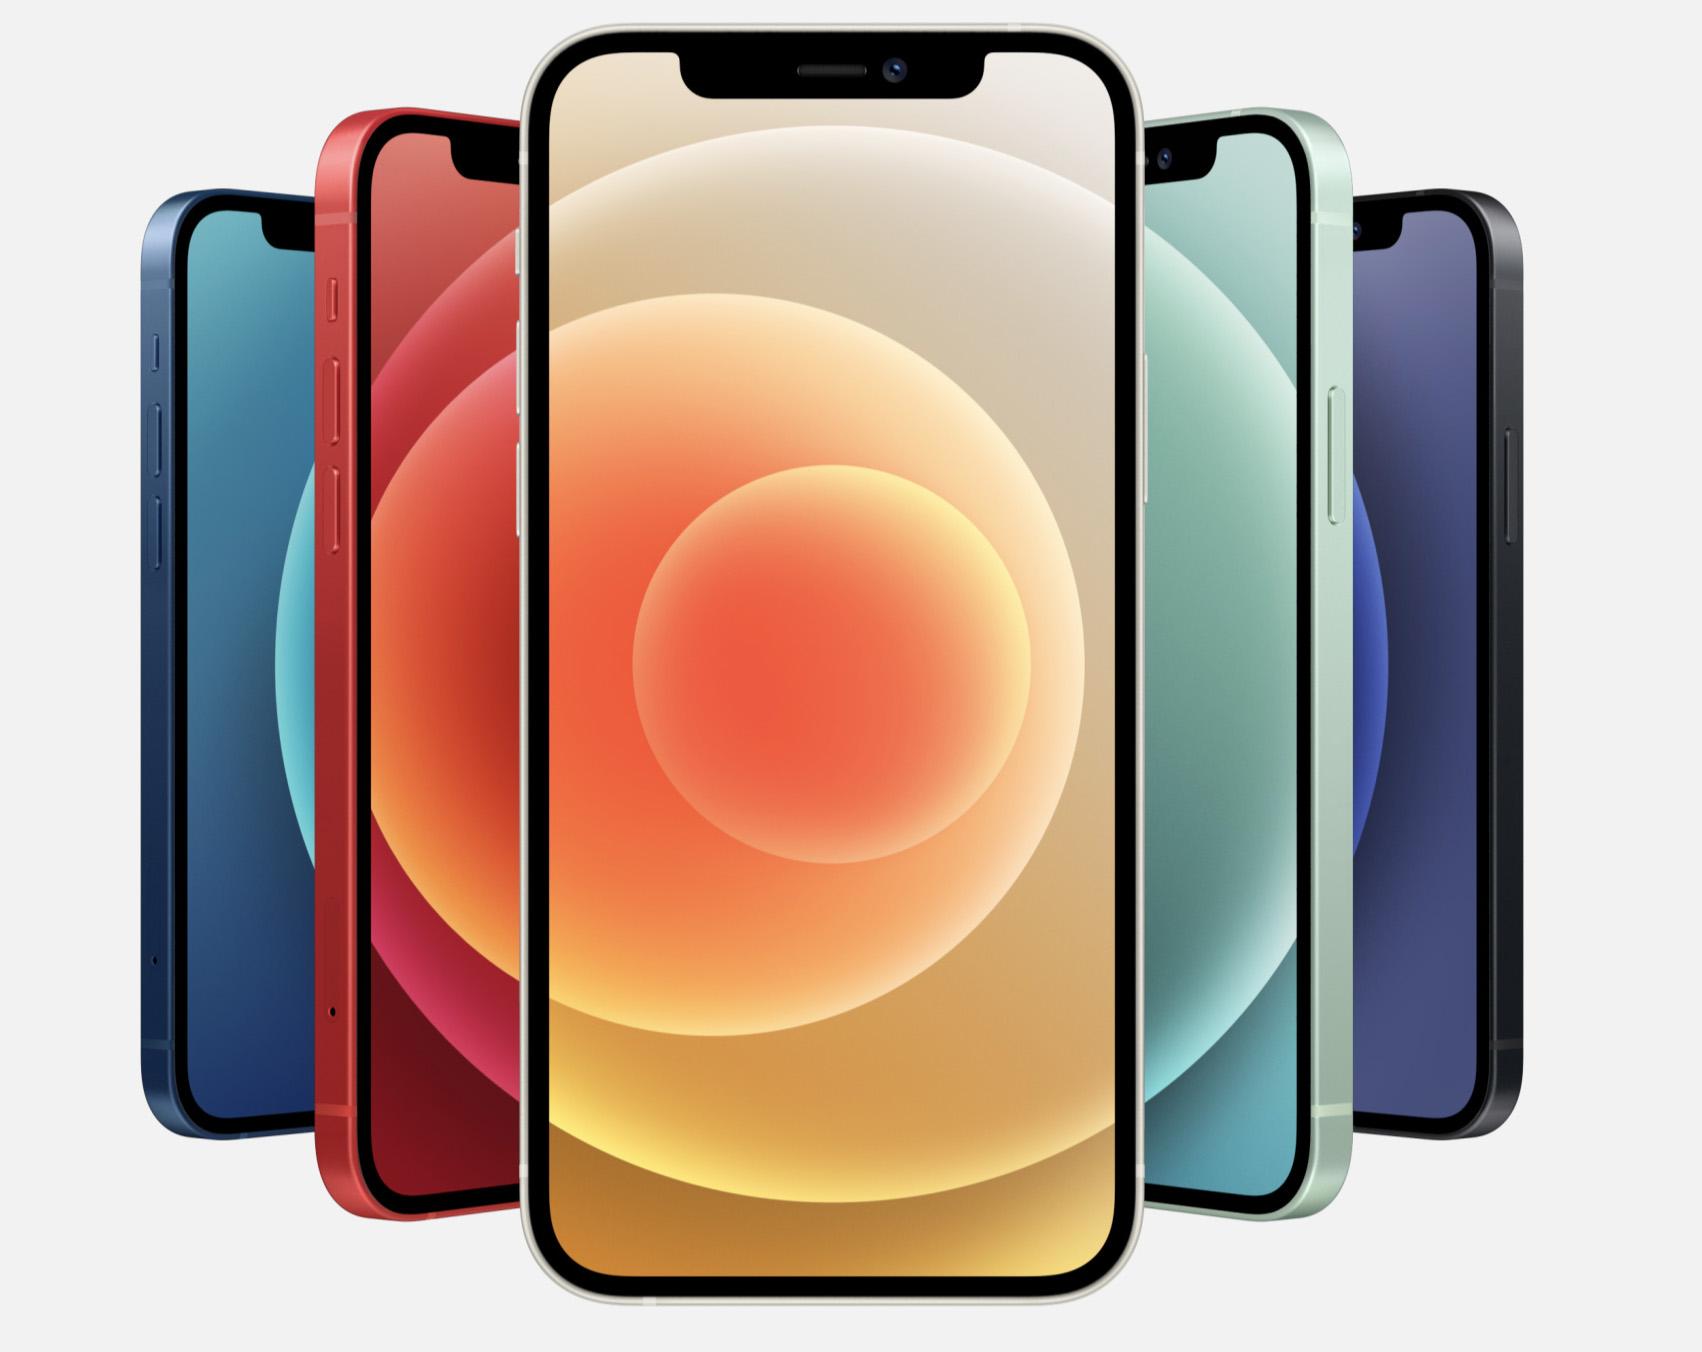 【開箱】iPhone 12藍色真身曝光 與官網圖片相差甚遠?